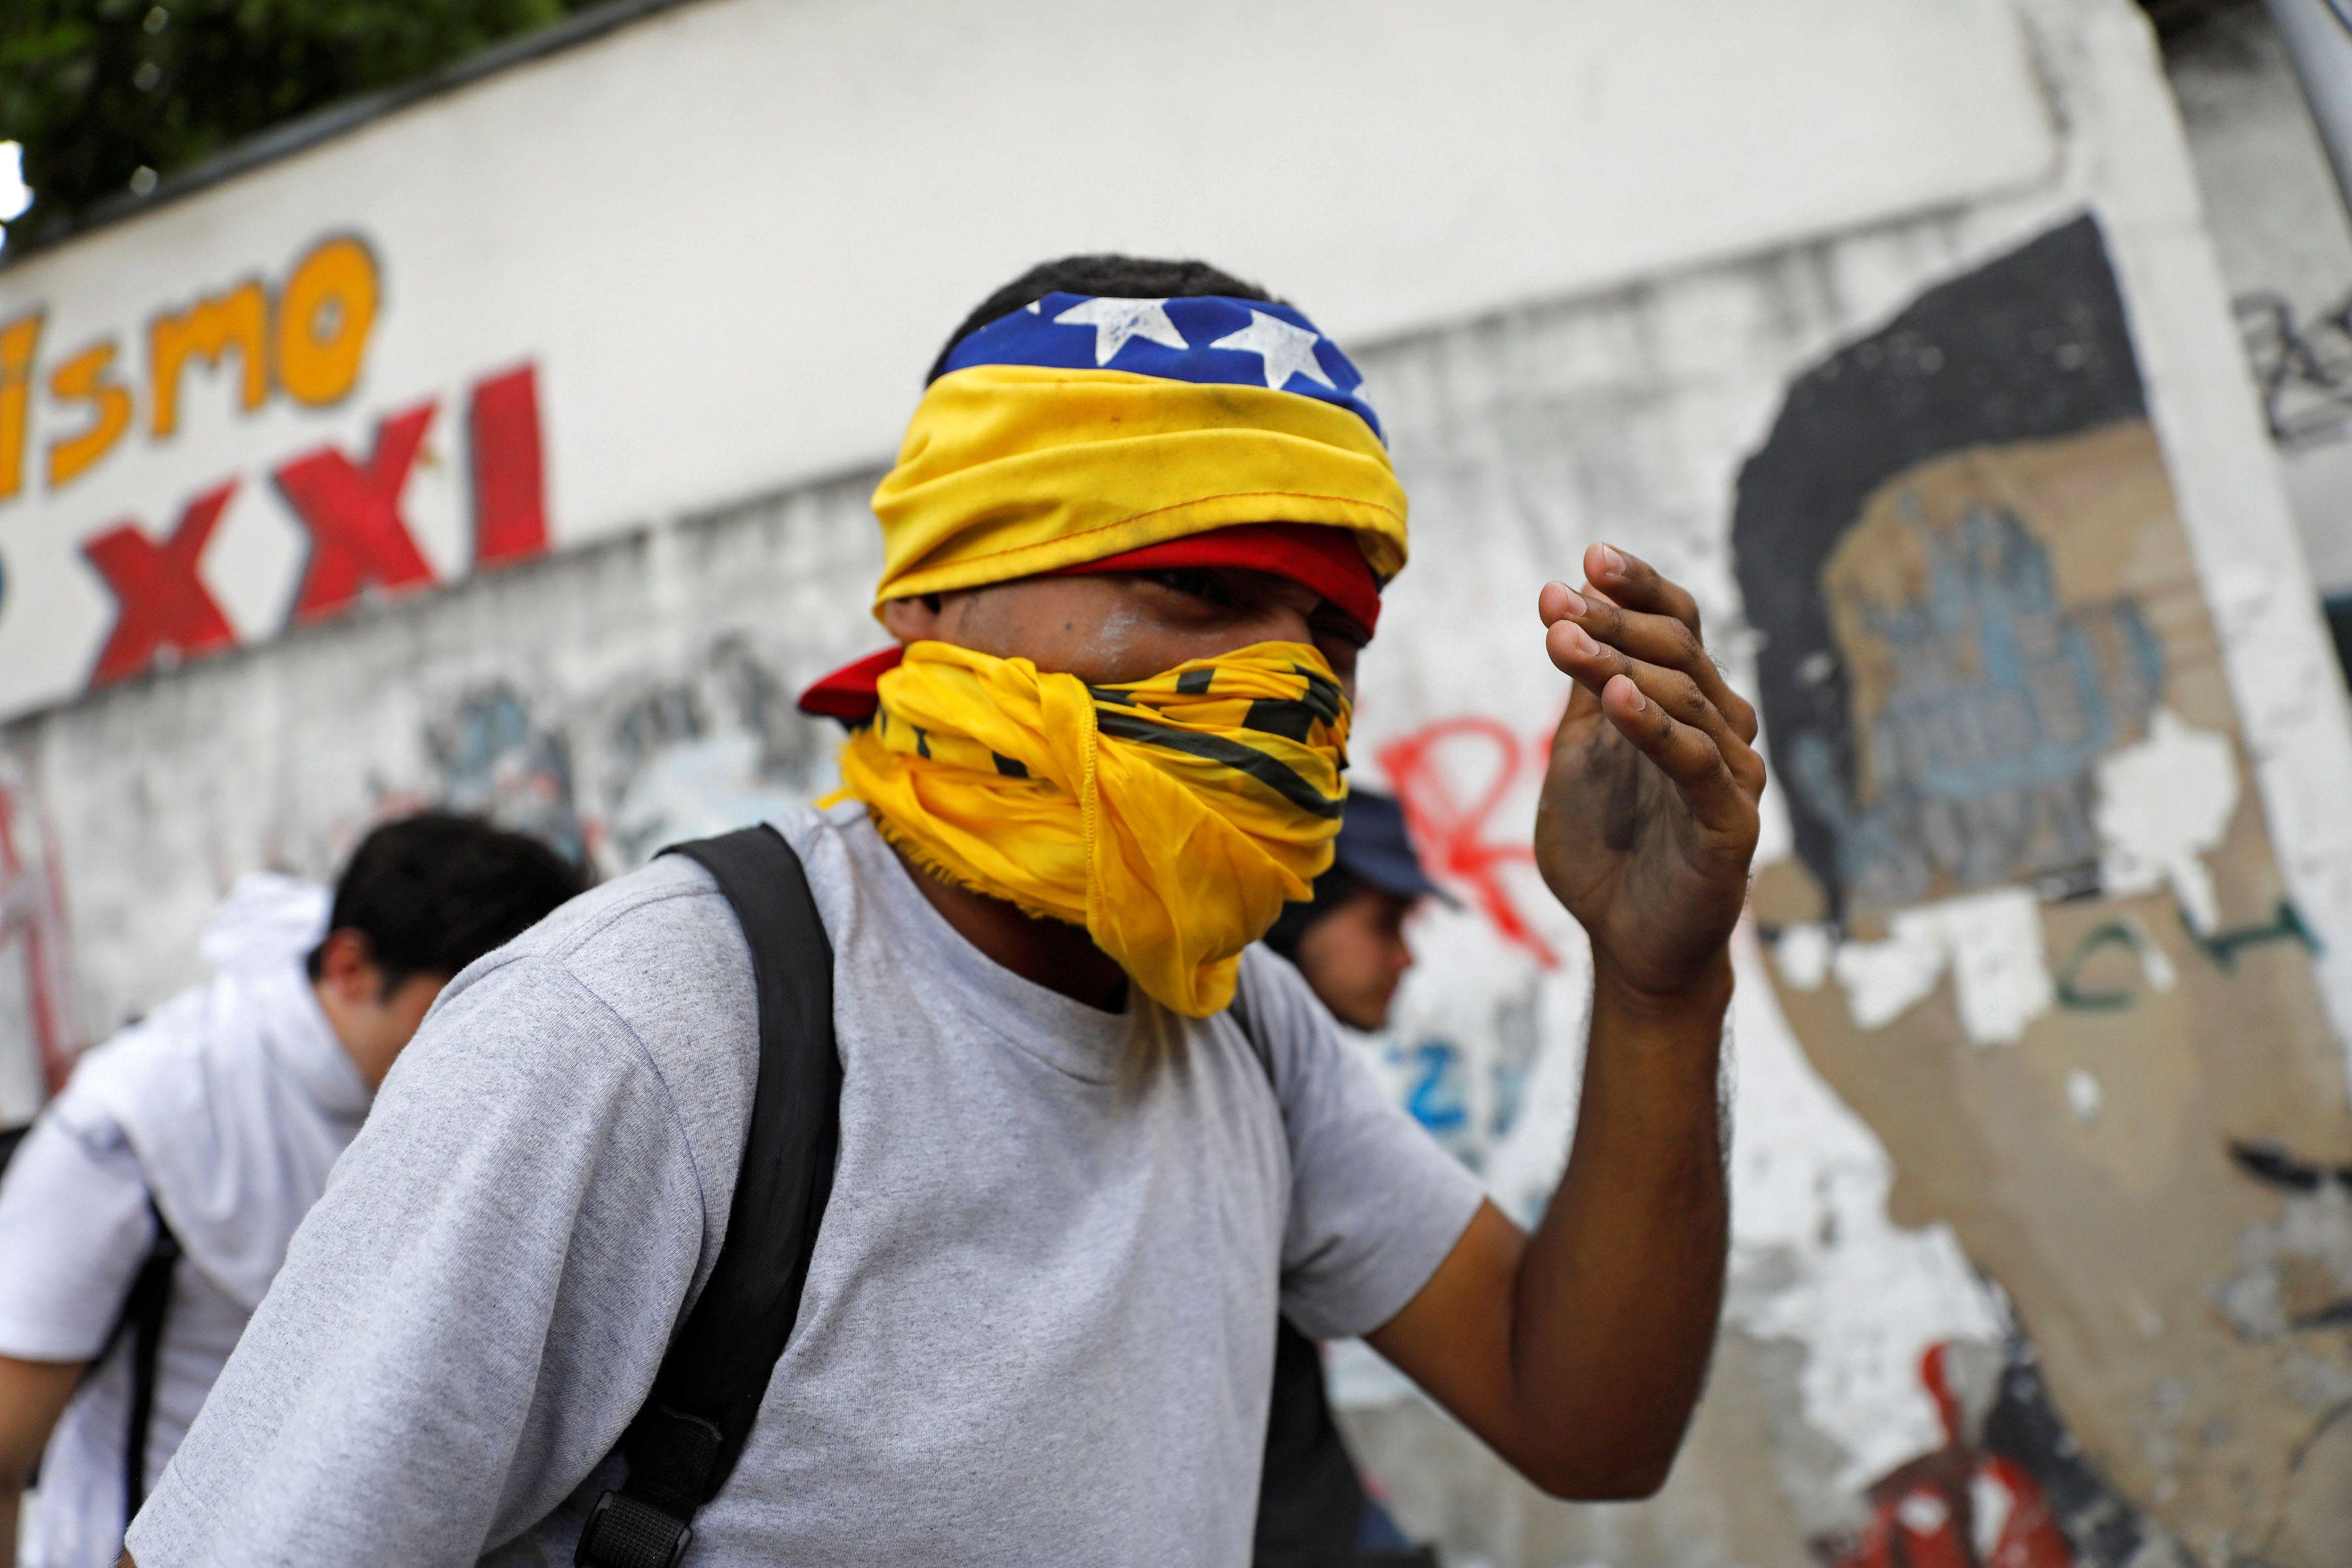 Grupo pró-Maduro invade missa em Caracas e causa confusão